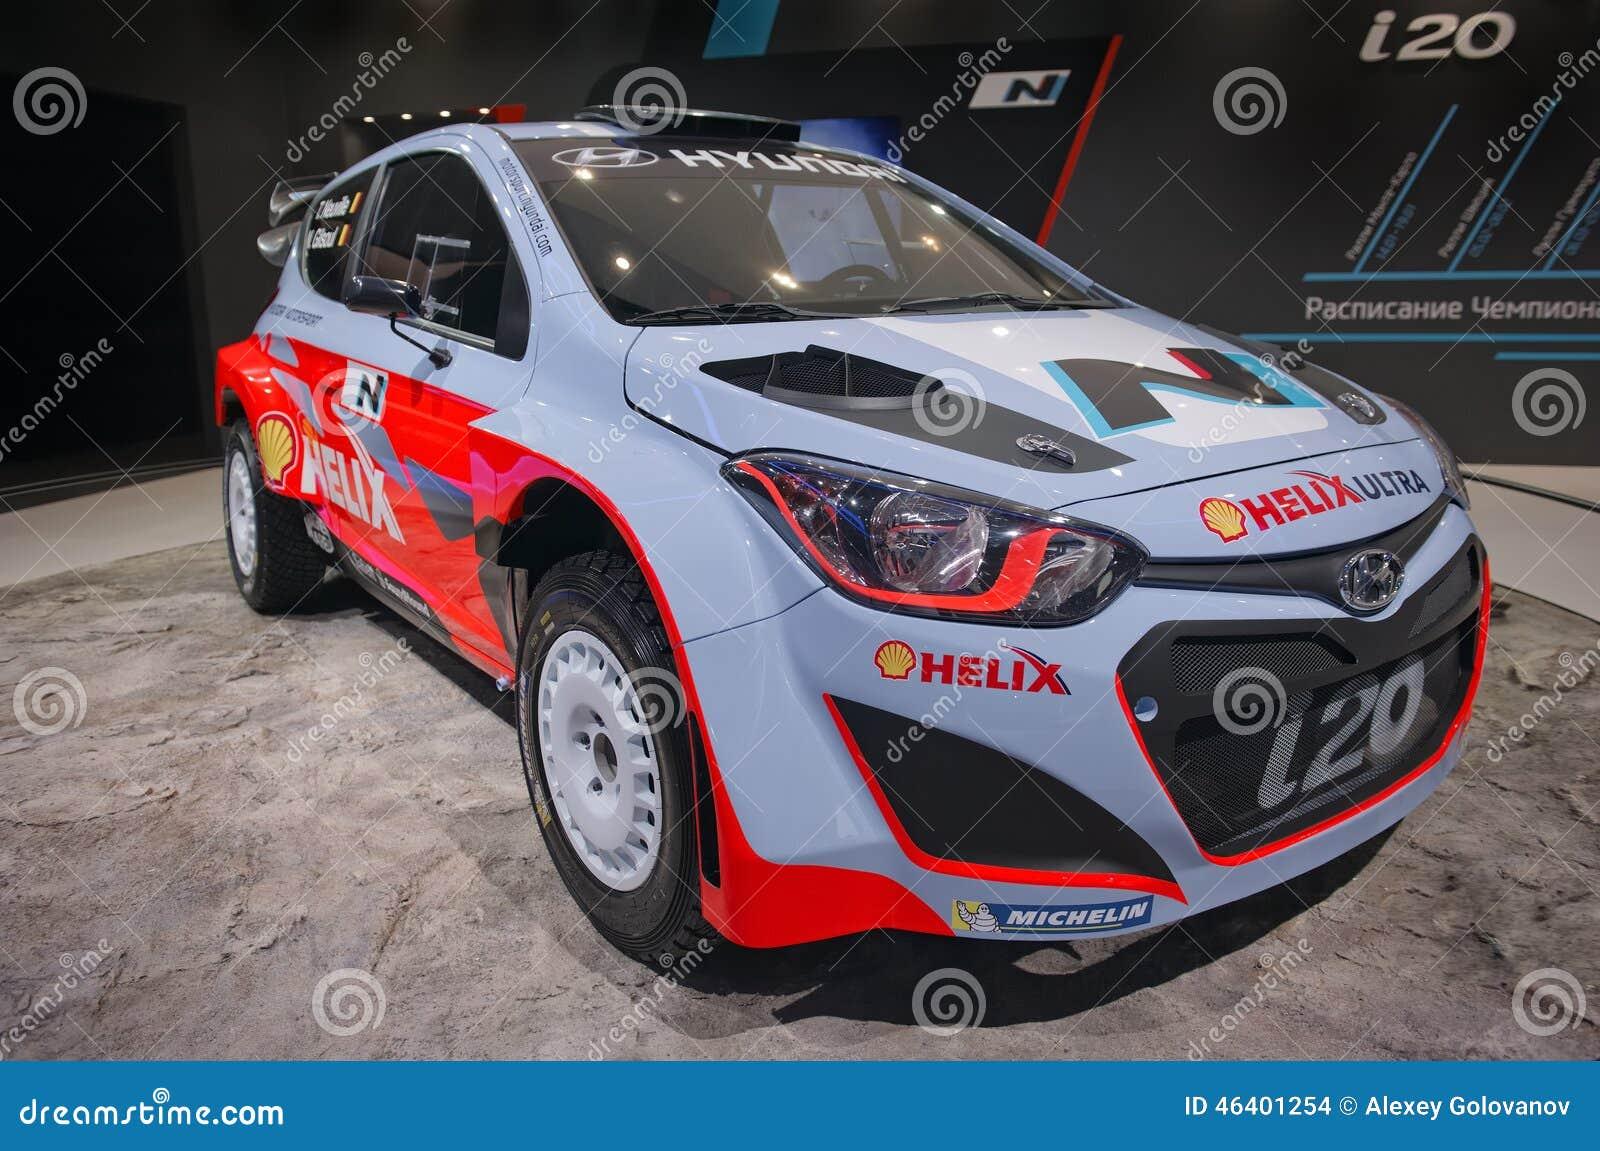 Good Sports Car Hyundai I20